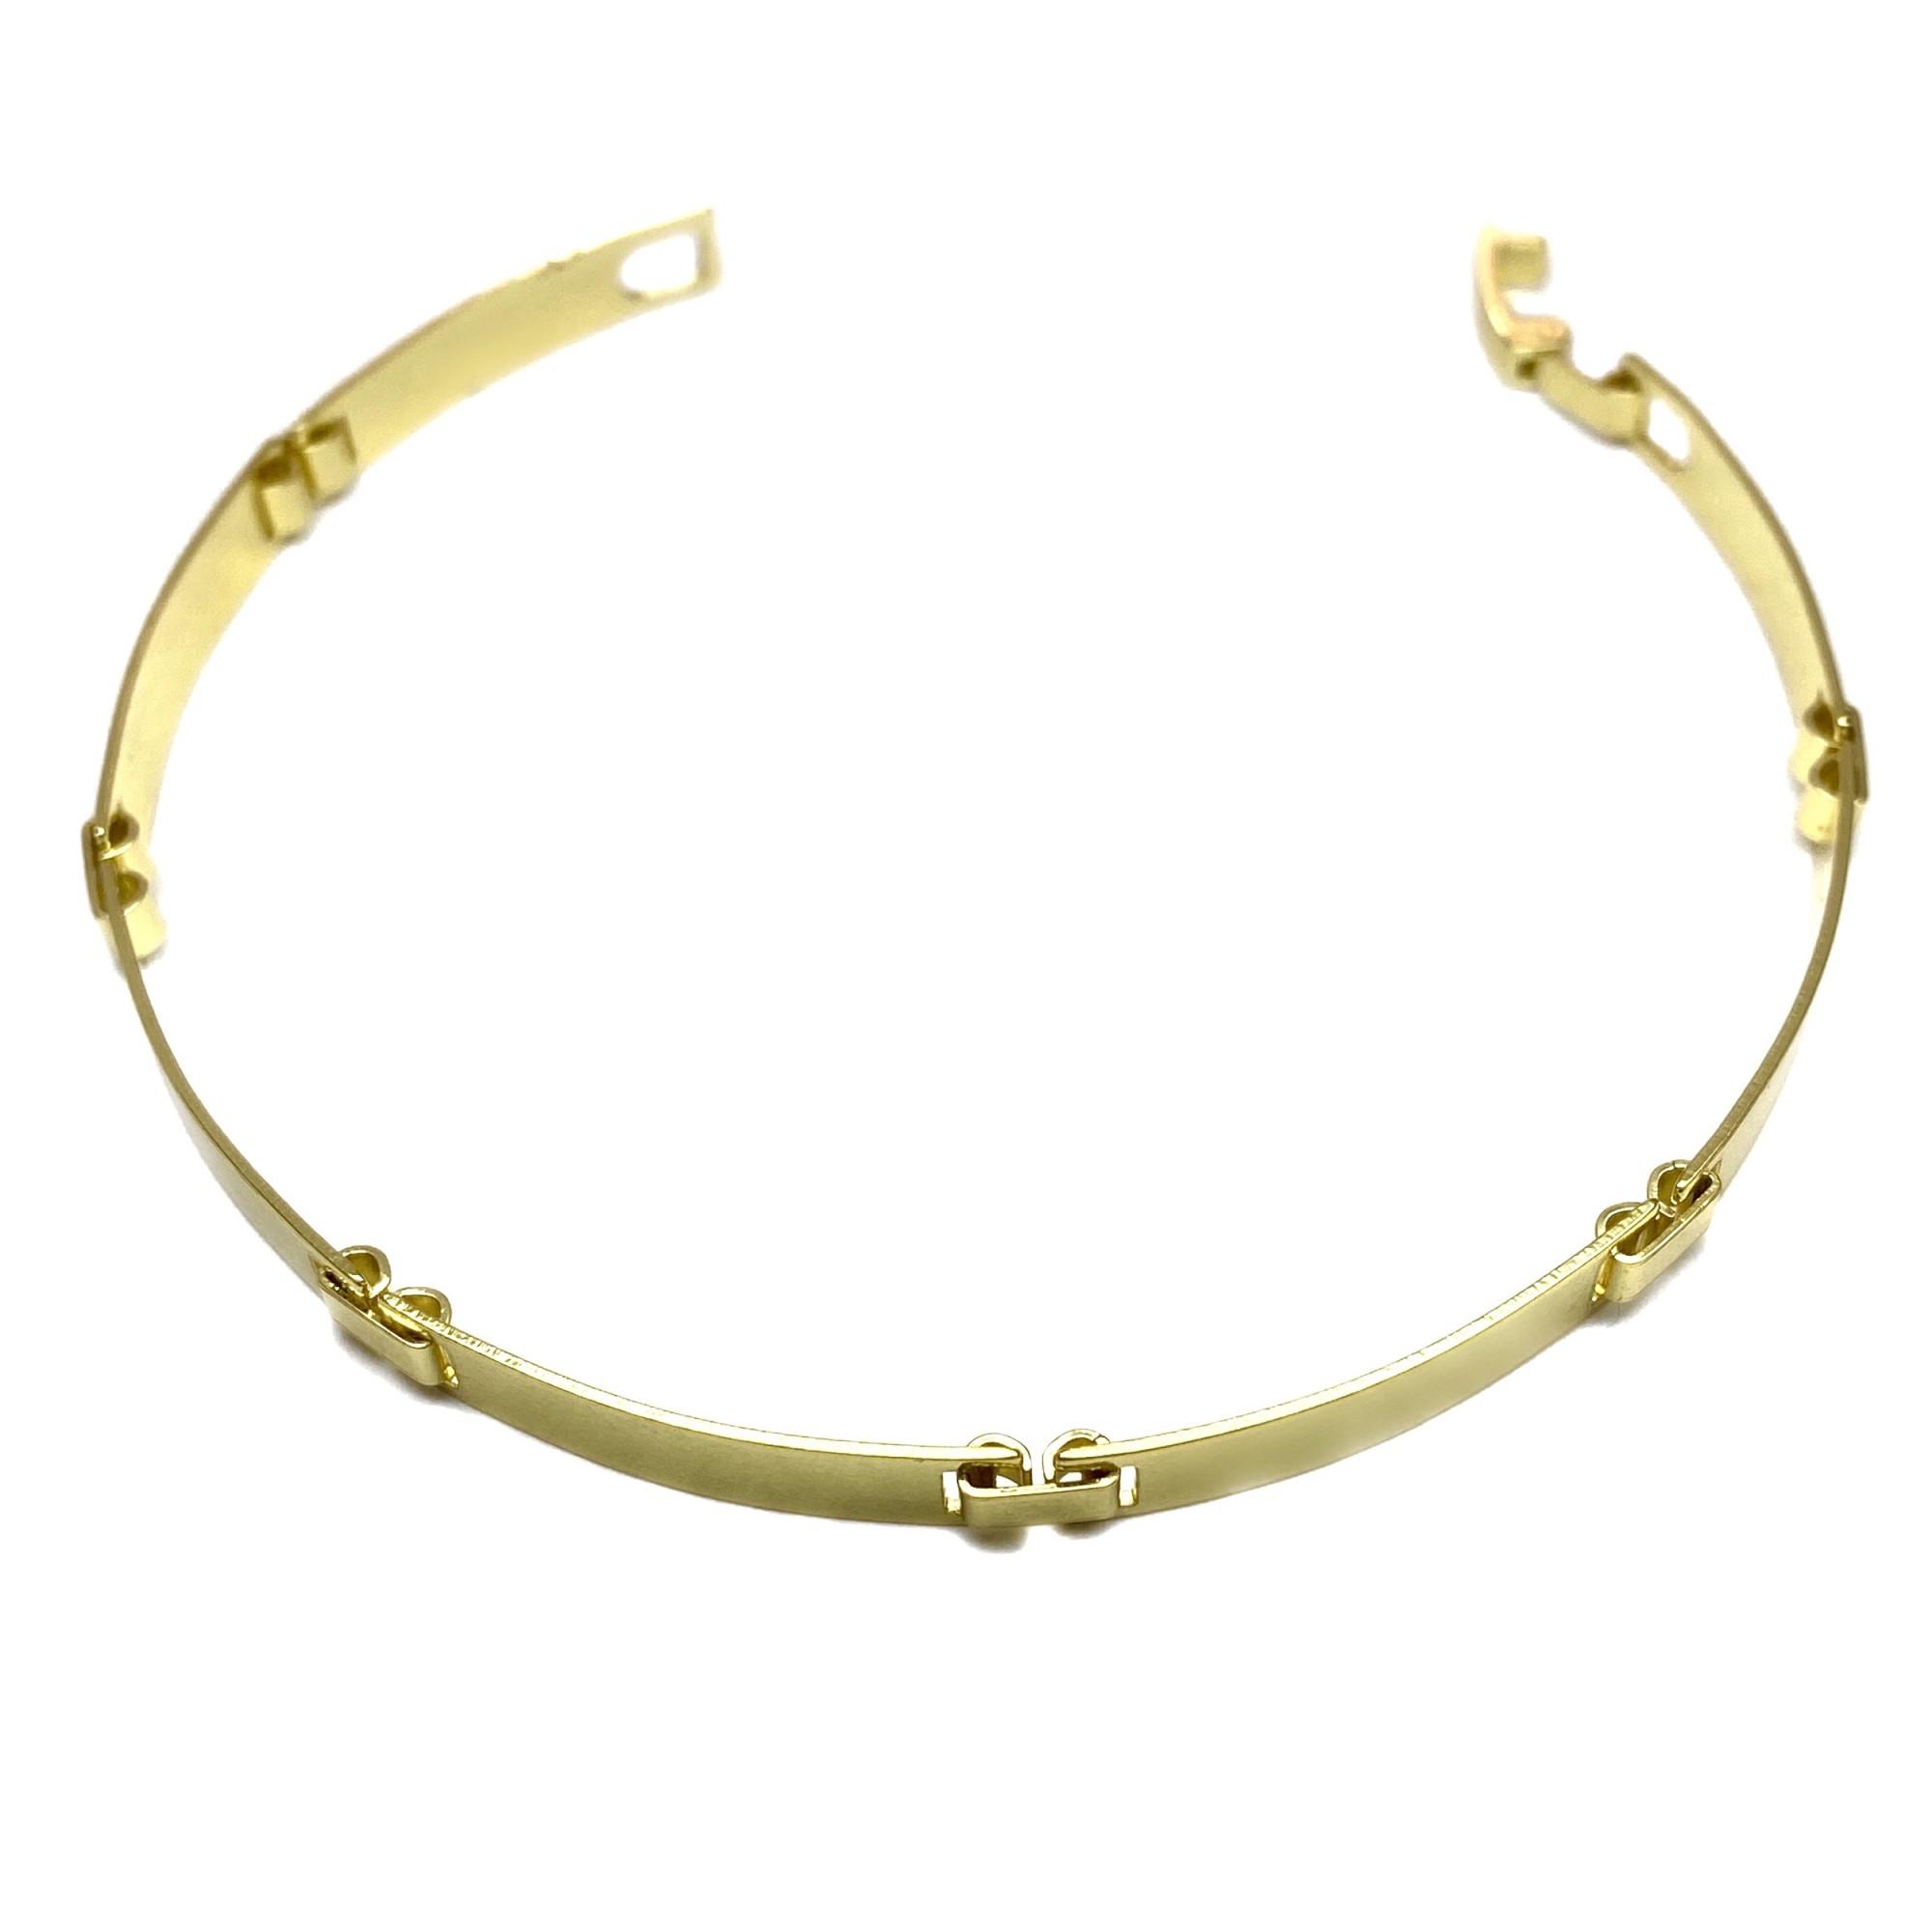 Bracelete Liso 5mm 6g (Banho De Ouro 18k)